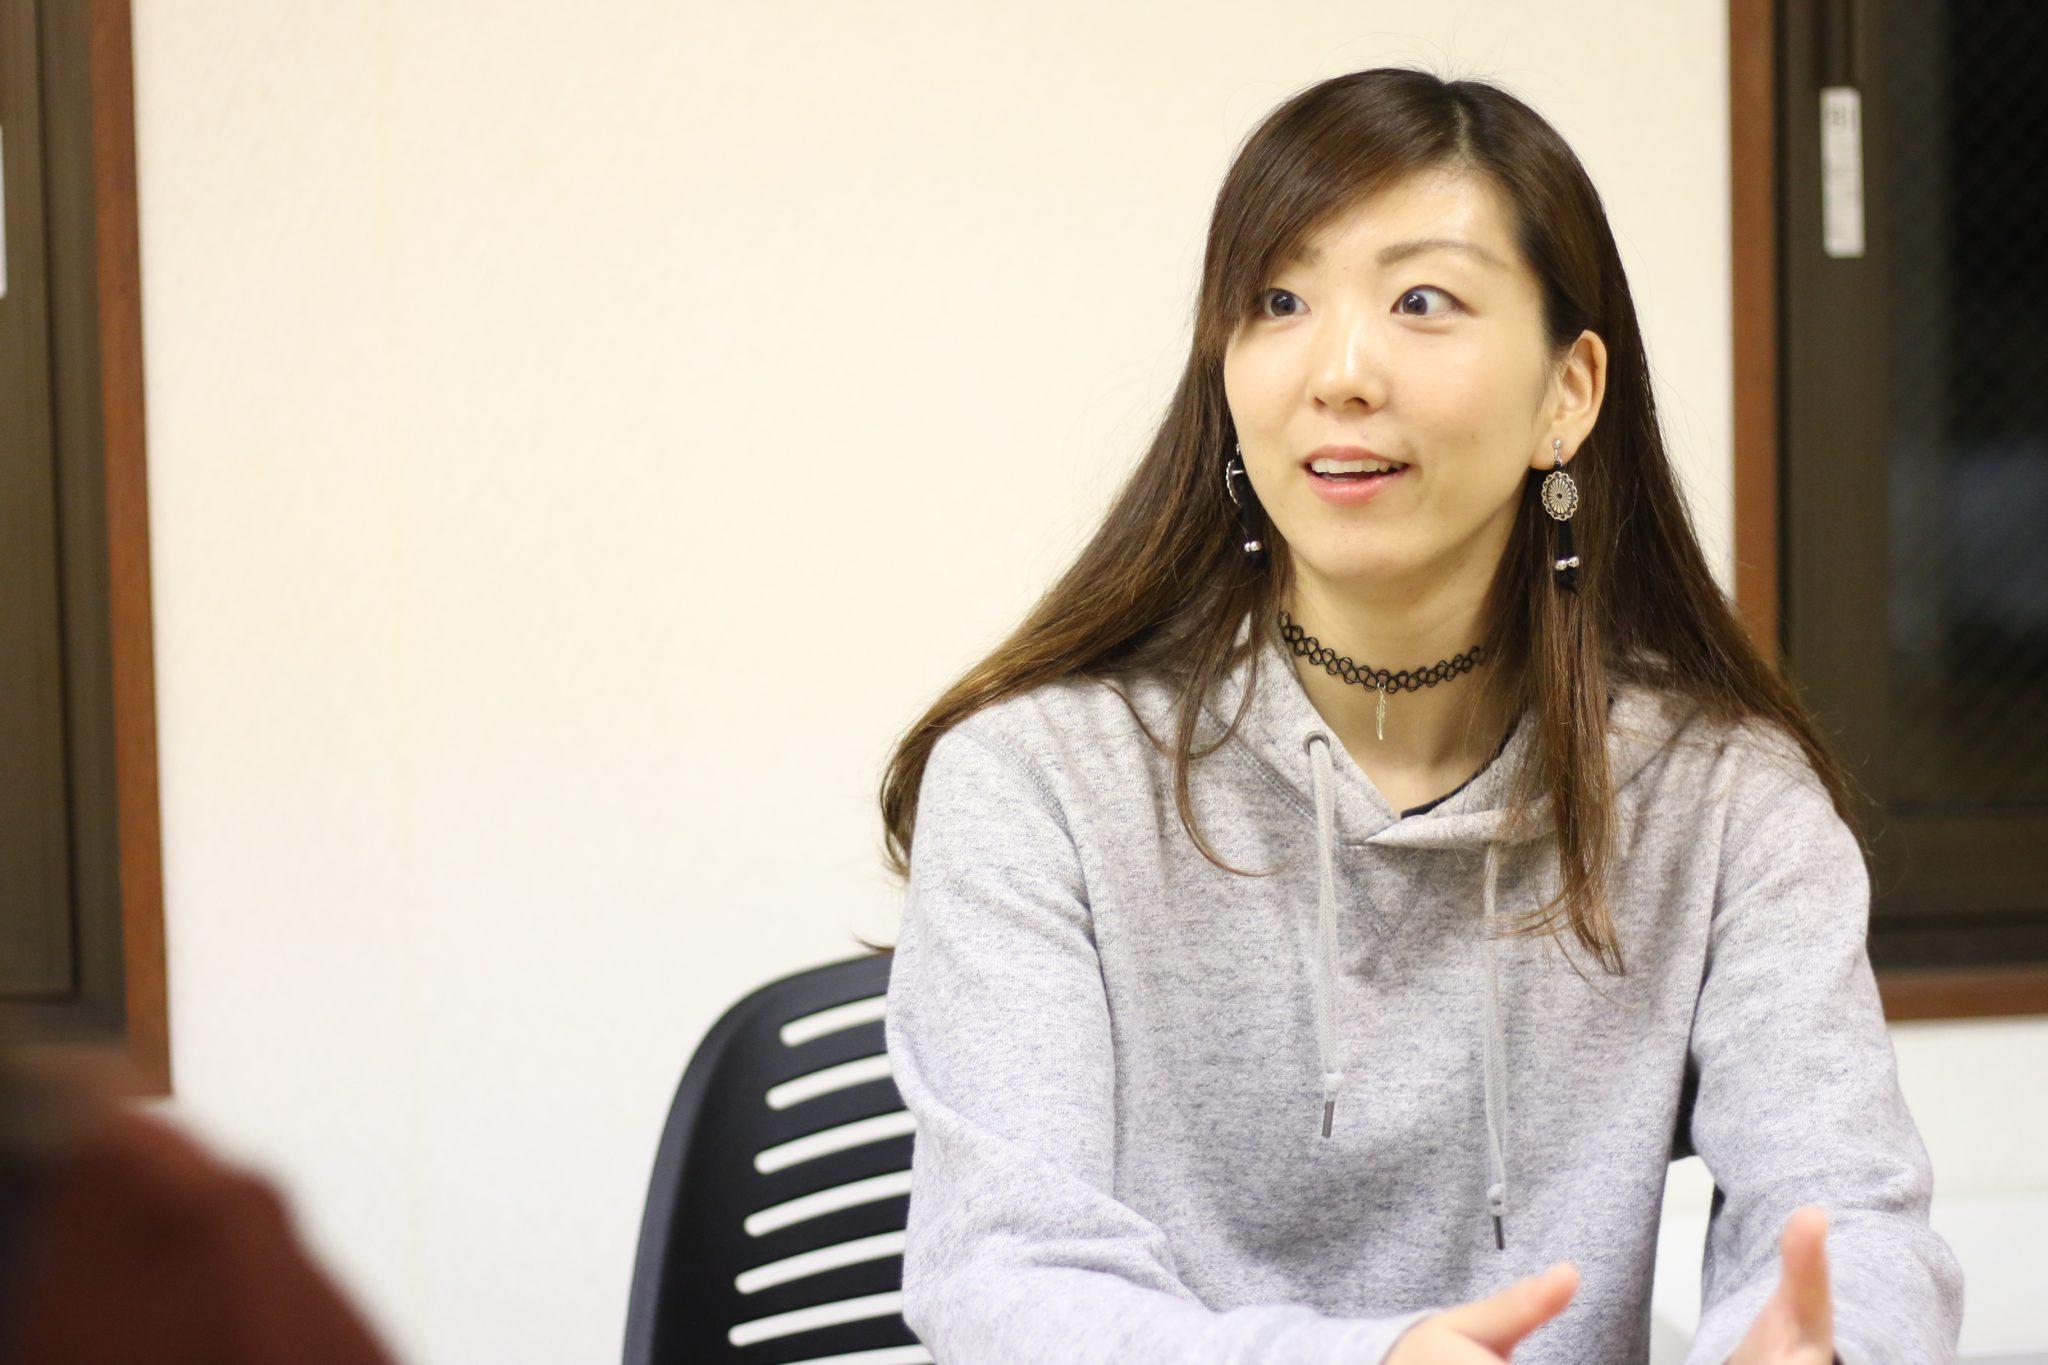 ジャズダンス YUNKO先生 インタビュー